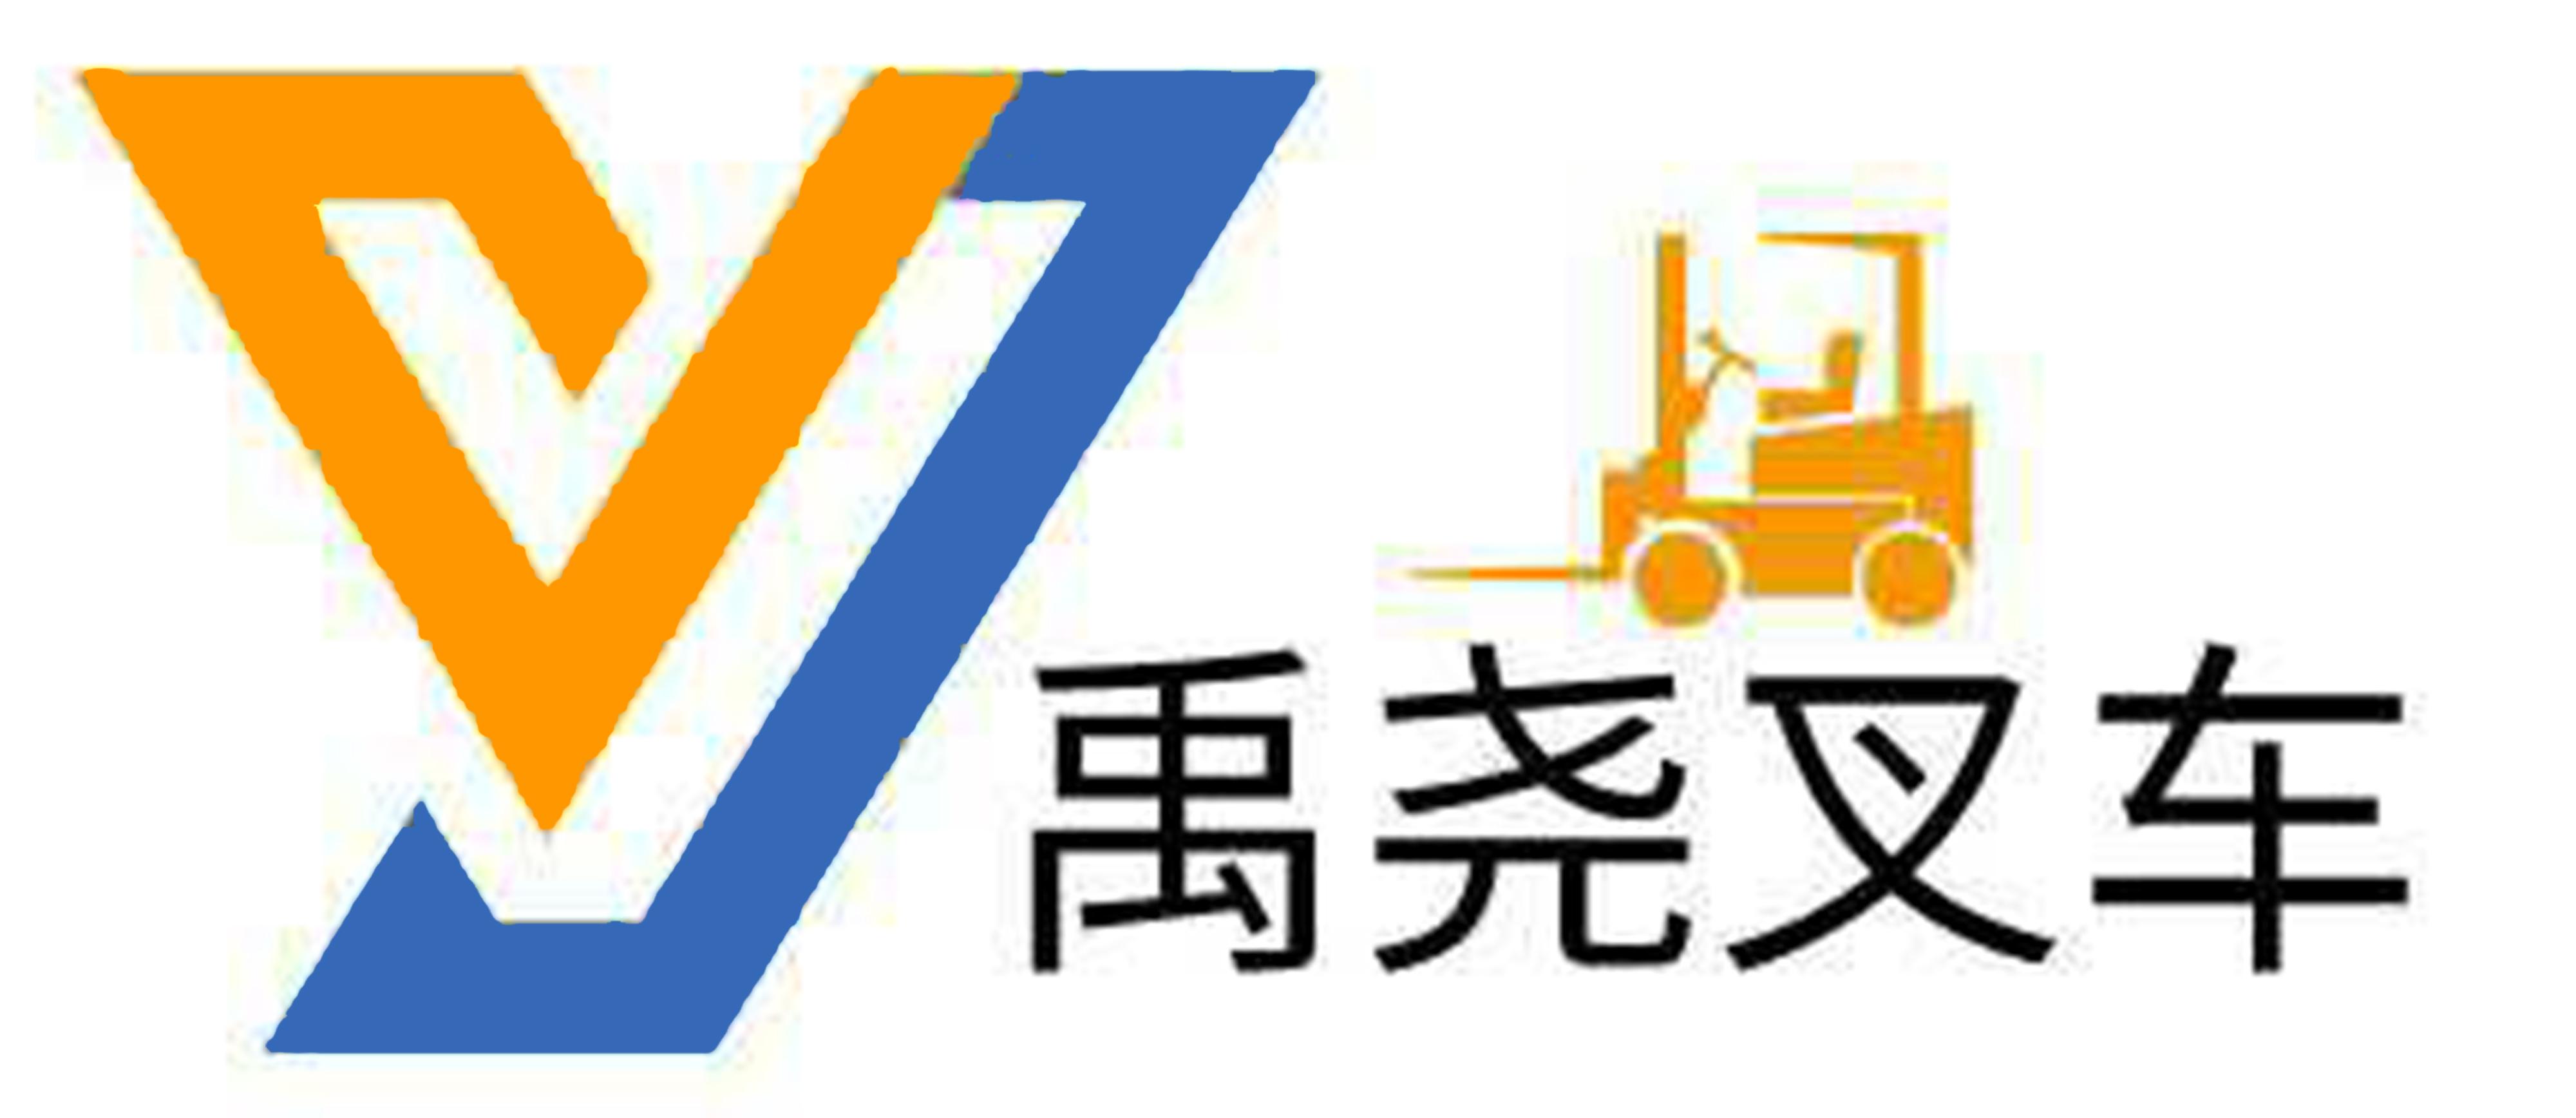 上海禹尧机电科技有限公司